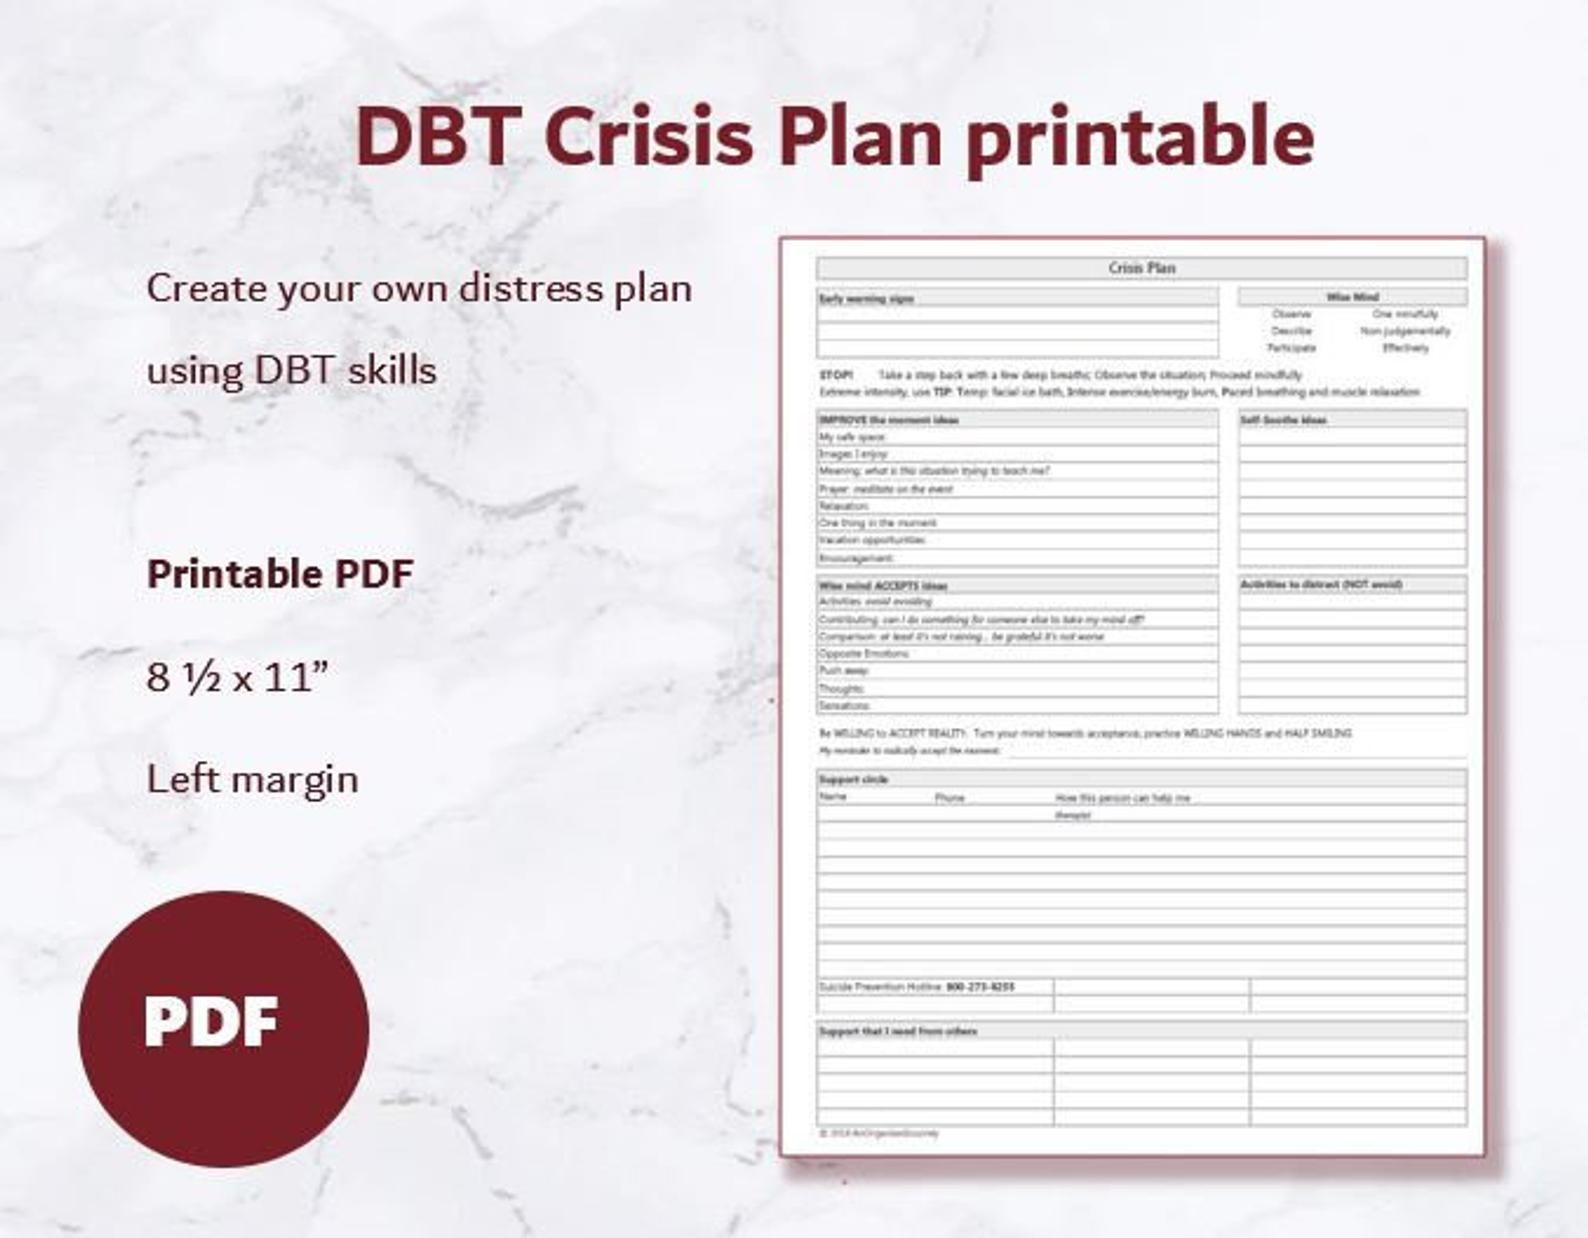 Dbt Crisis Plan Printable